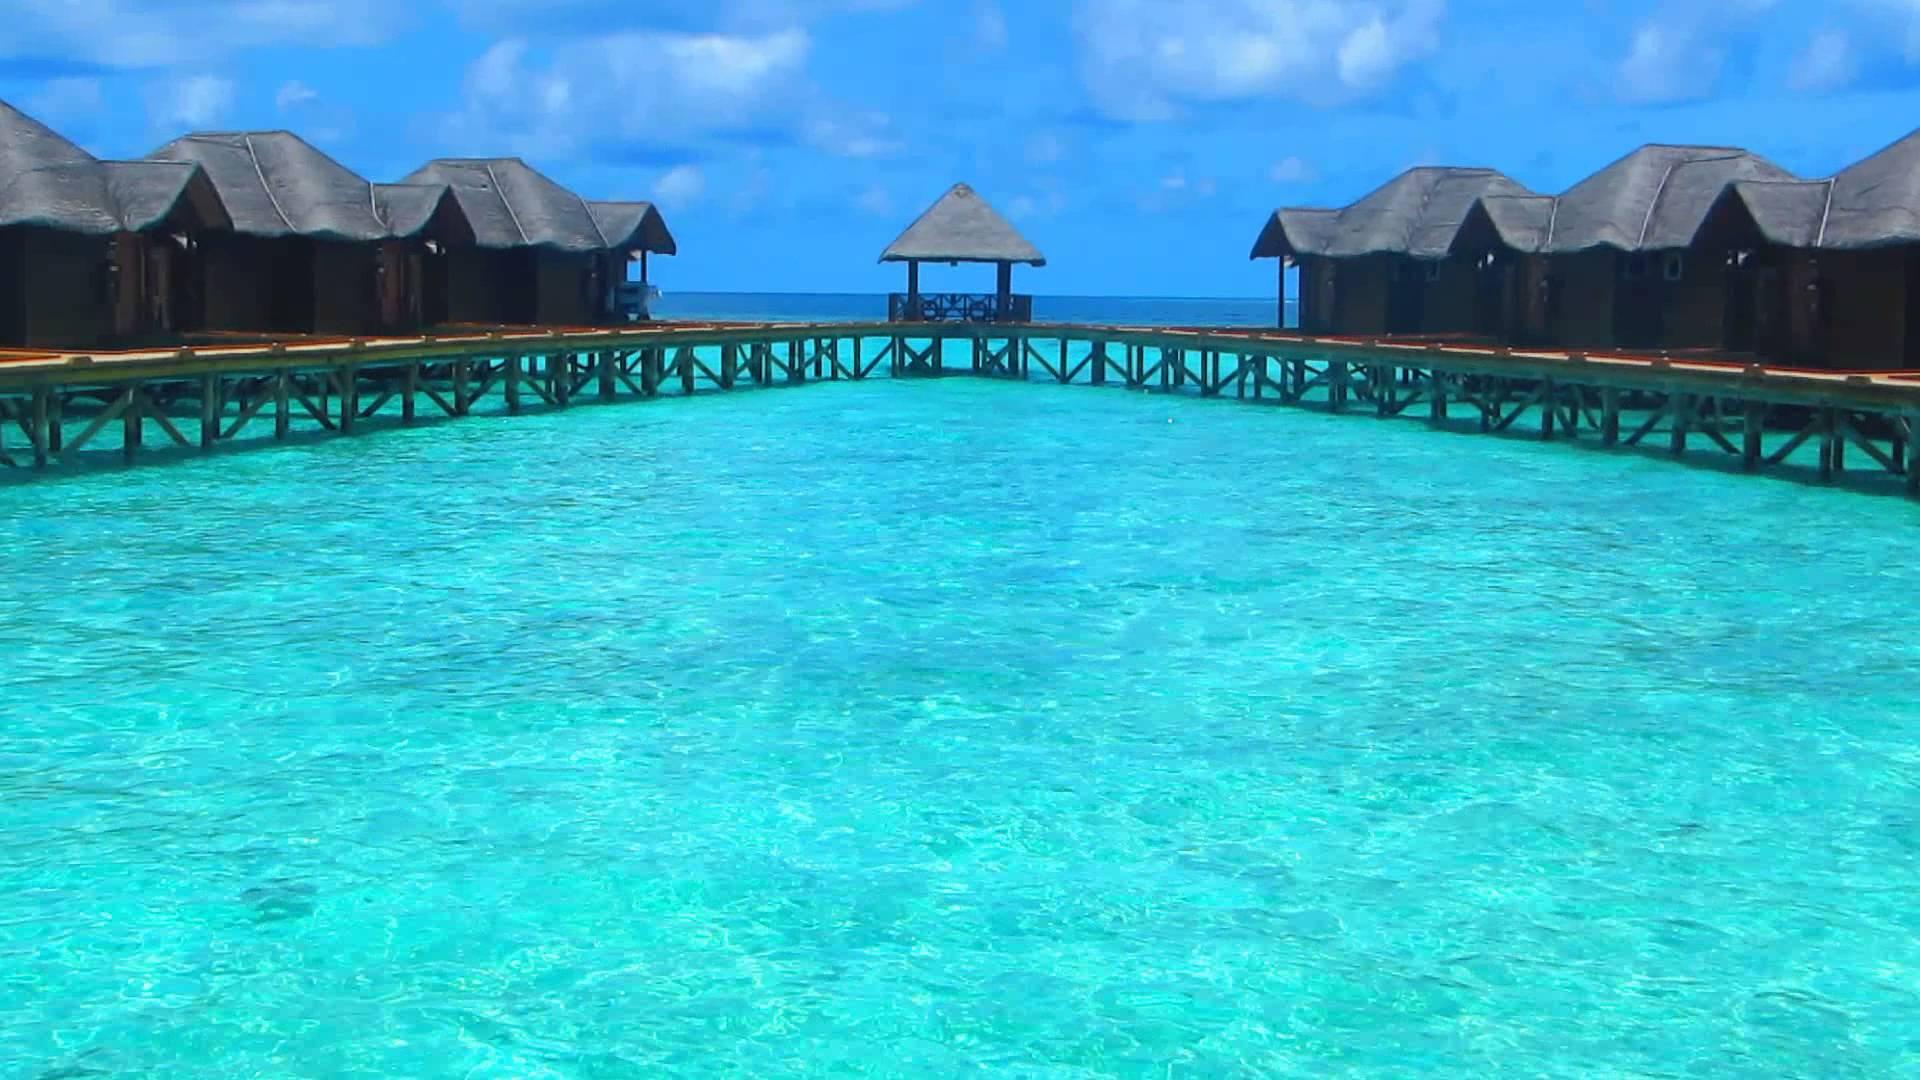 Islas maldivas el lugar perfecto para una luna de miel for Islas maldivas hoteles en el agua